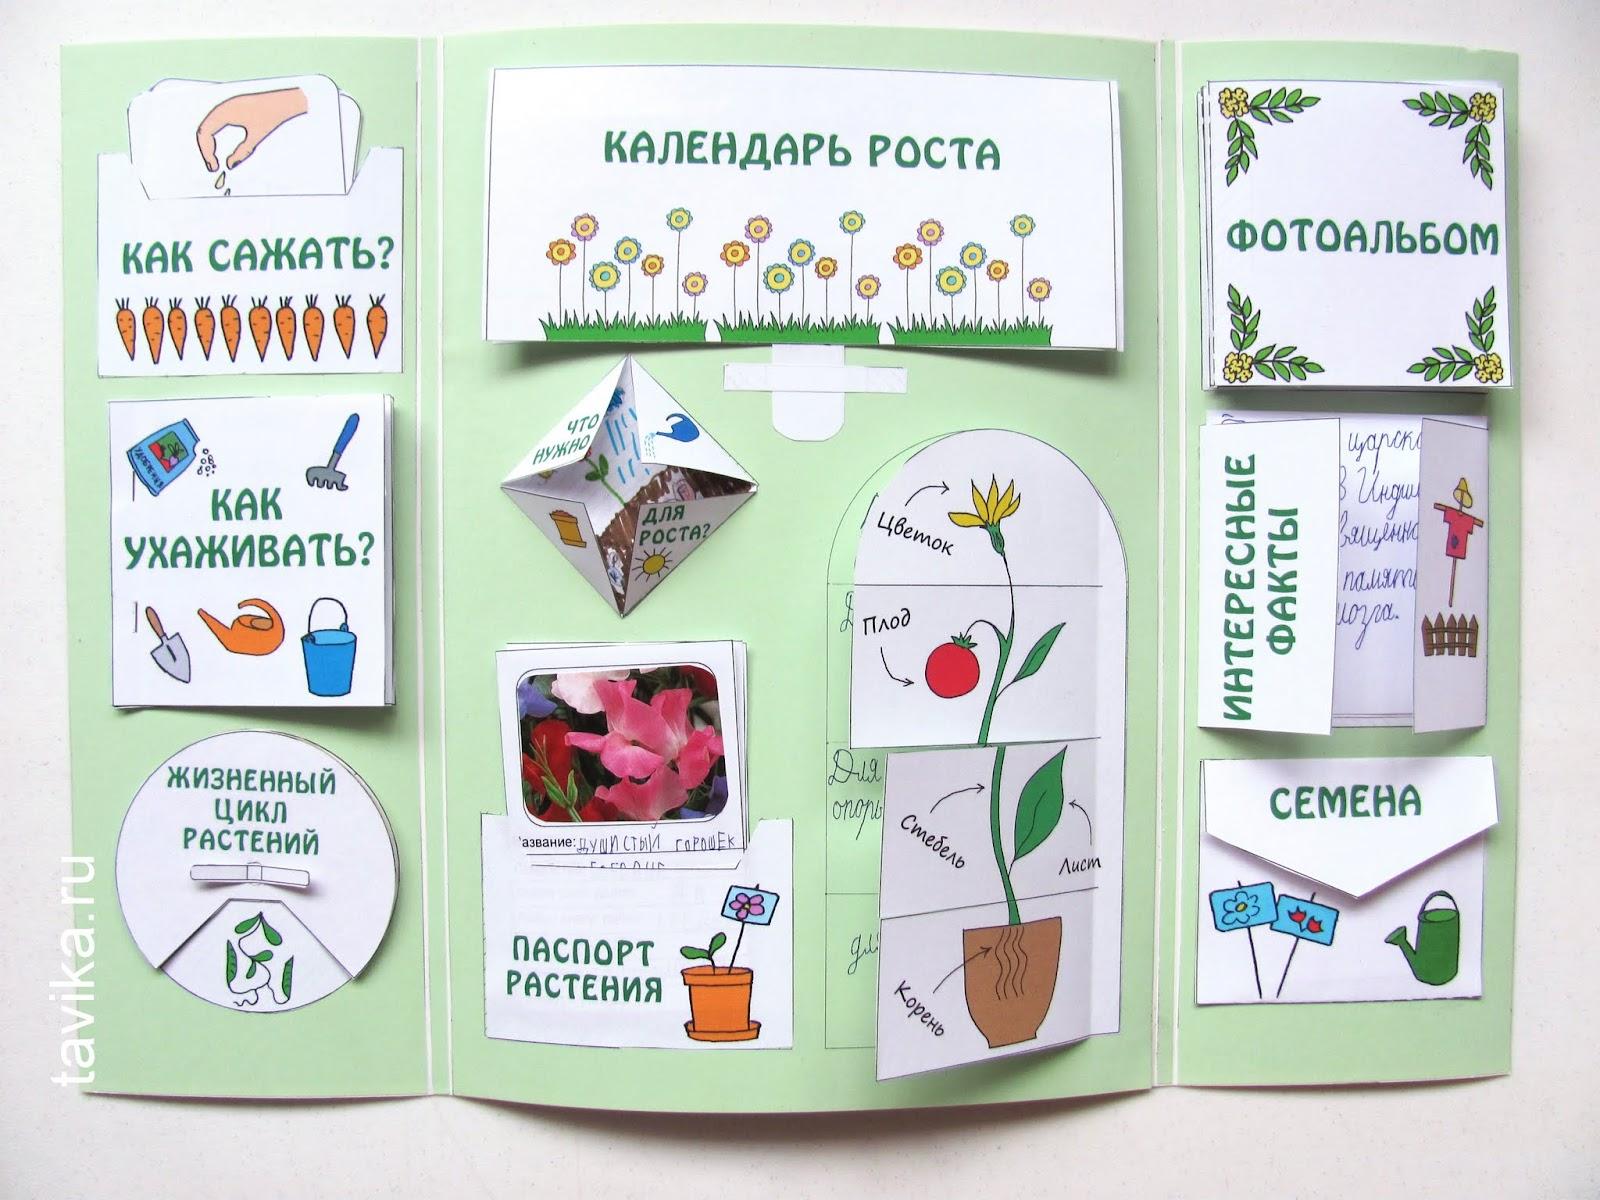 Лэпбук о растениях. Шаблоны для распечатки